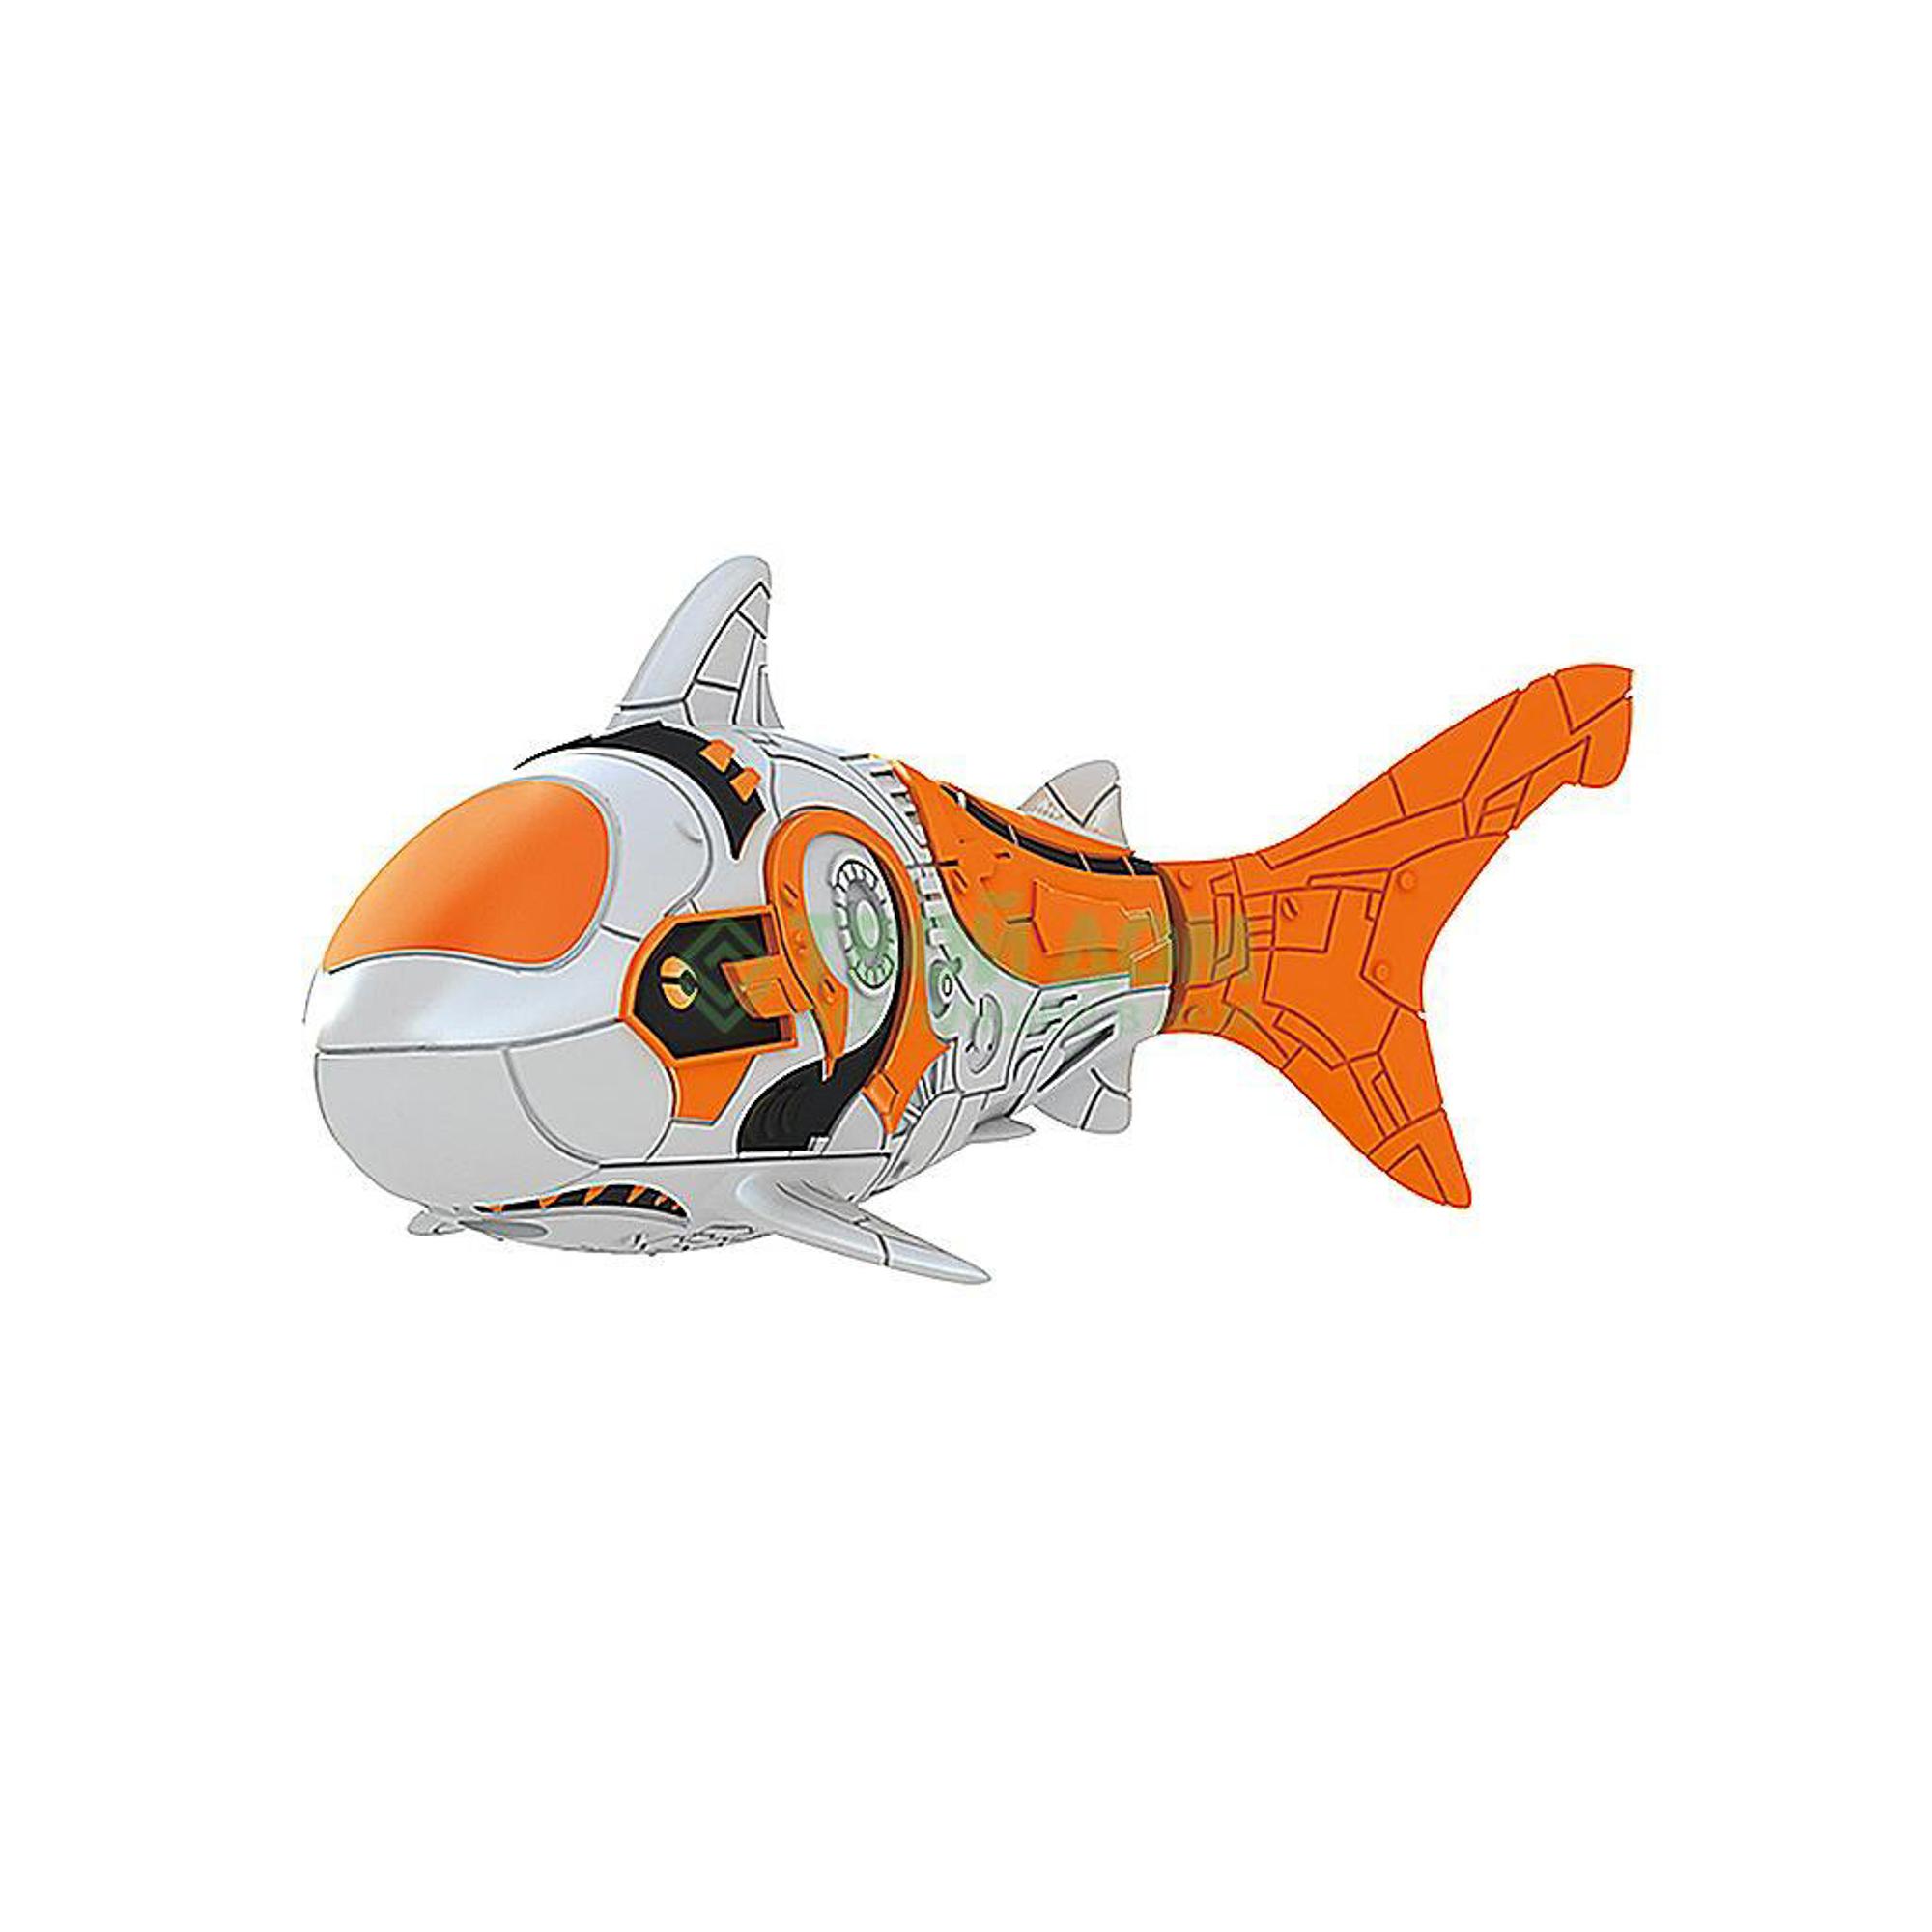 Игрушка для купания Robofish Тропическая роборыбка акула /серая/ фото